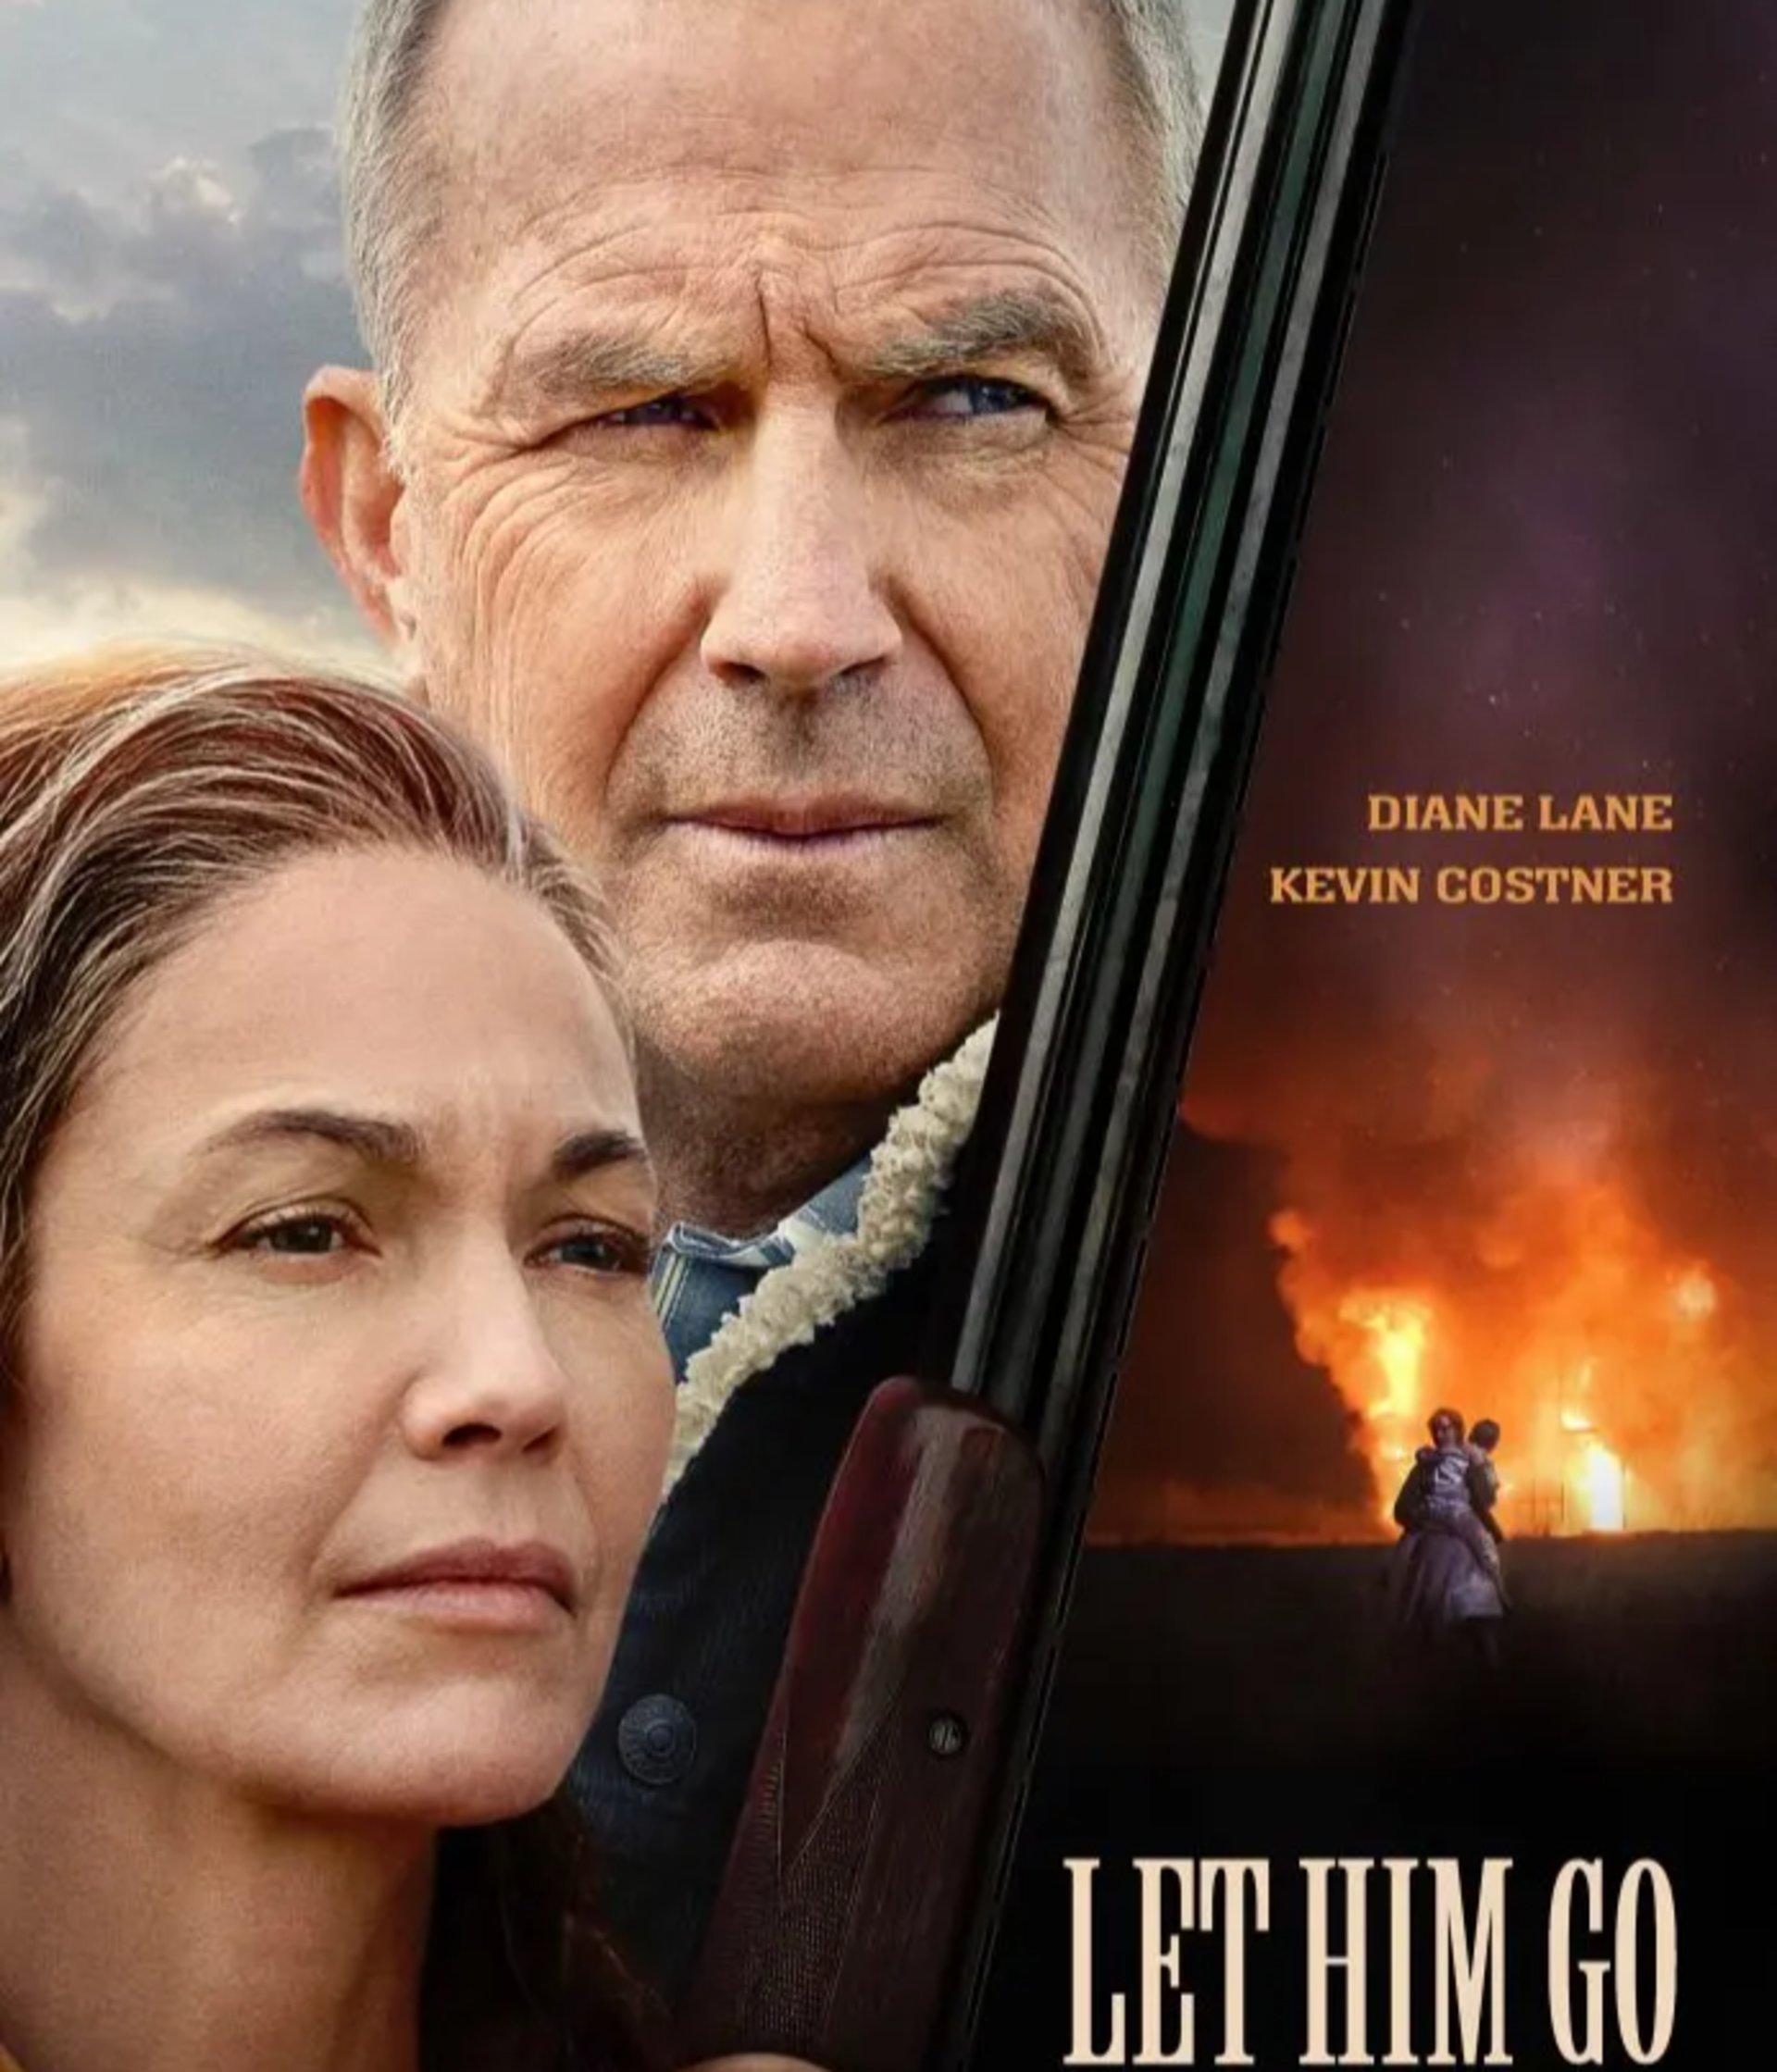 Nonton Film Let Him Go (2020) Full Movie Sub Indo | Nonton